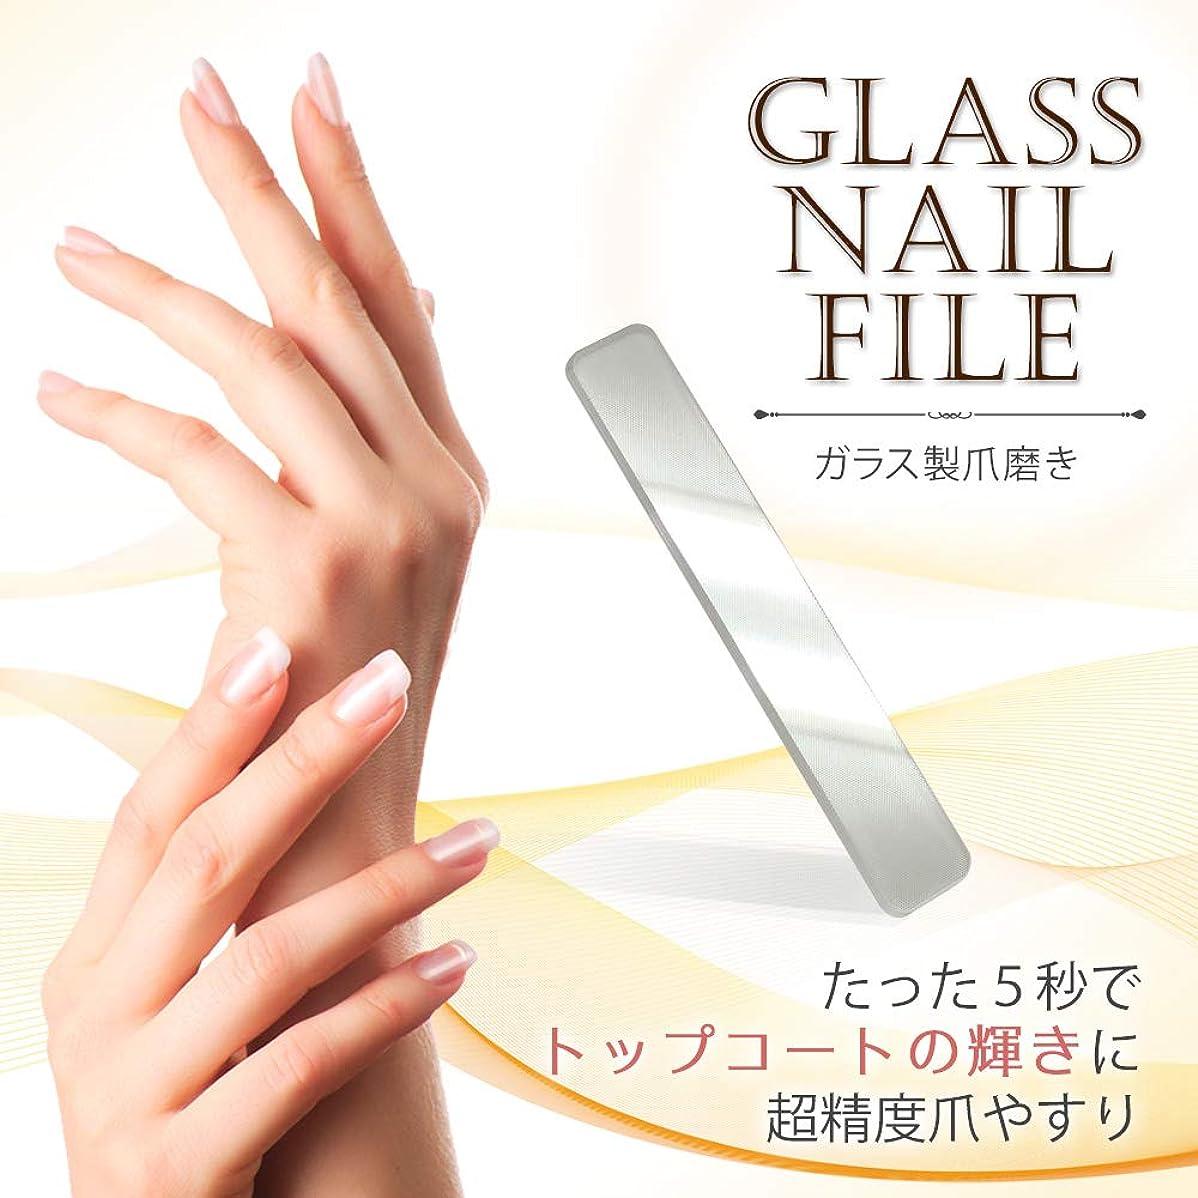 サンプル他の日参加する5秒で実感 Glass Nail File (ガラス製 爪やすり 爪みがき つめみがき 爪磨き ネイルファイル ネイルシャイナー グラスシャイナー バッファー ネイルケア 爪ケア)